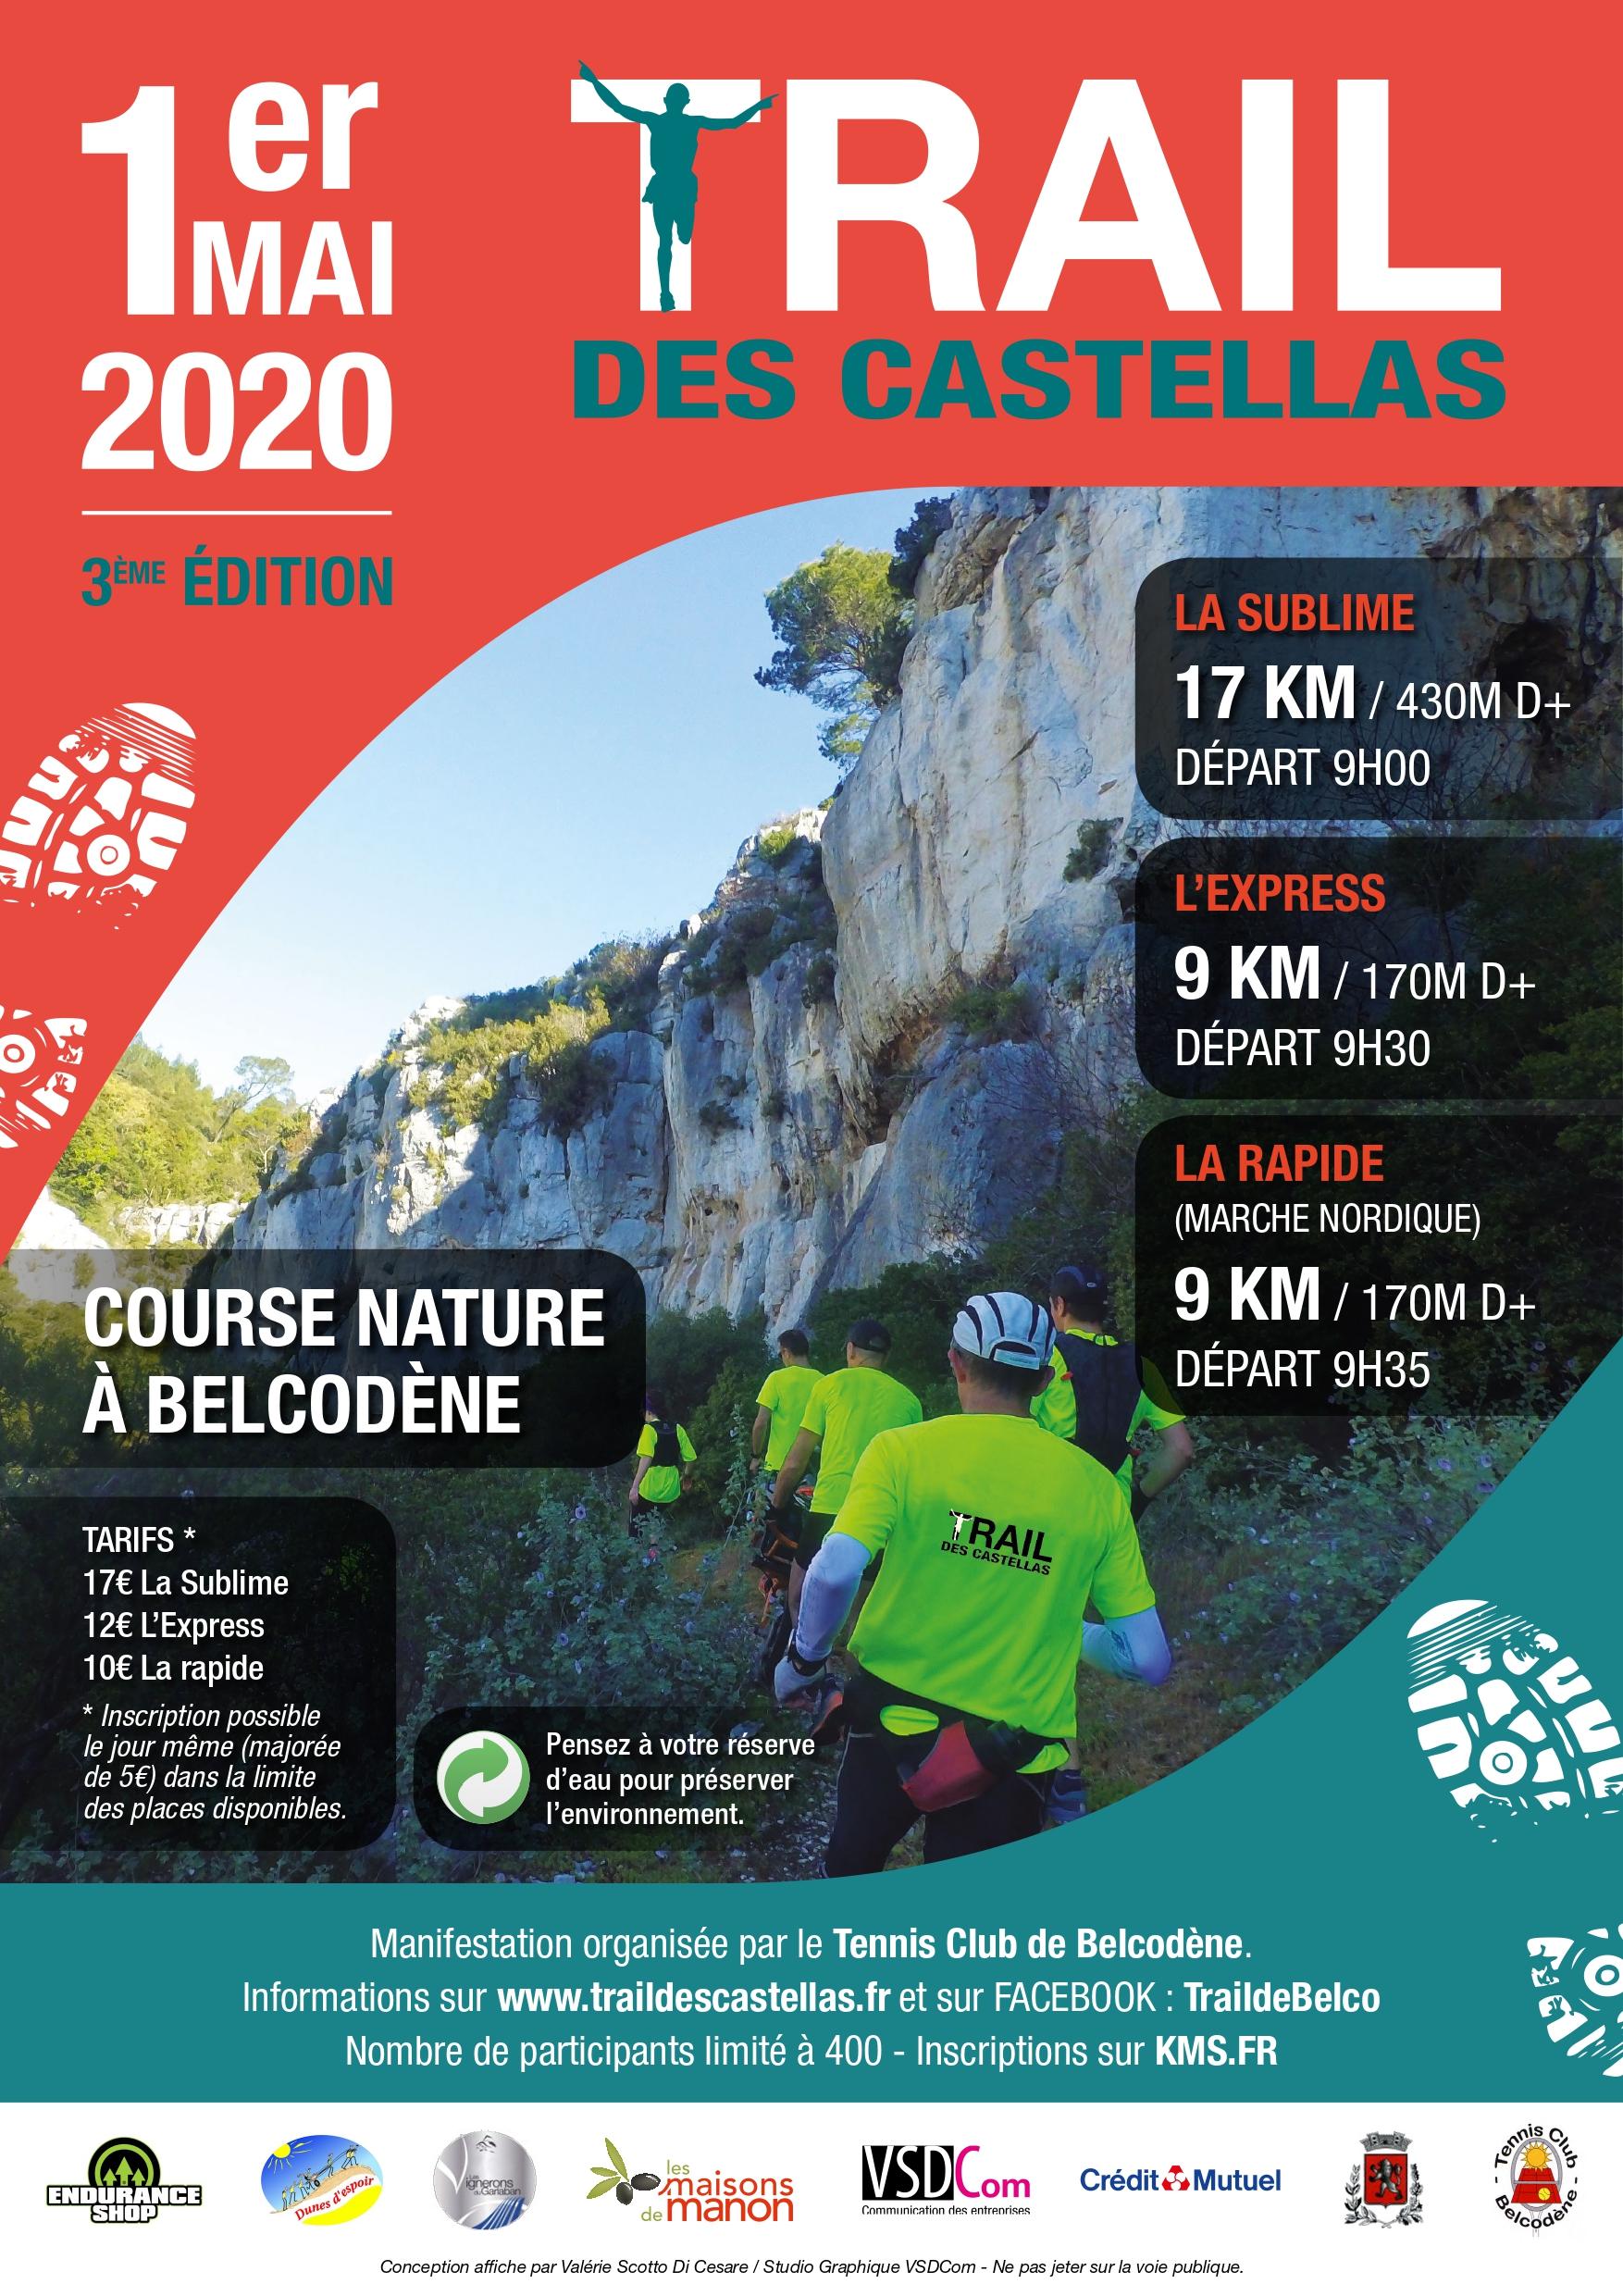 Trail des Castellas - La Sublime 17 km